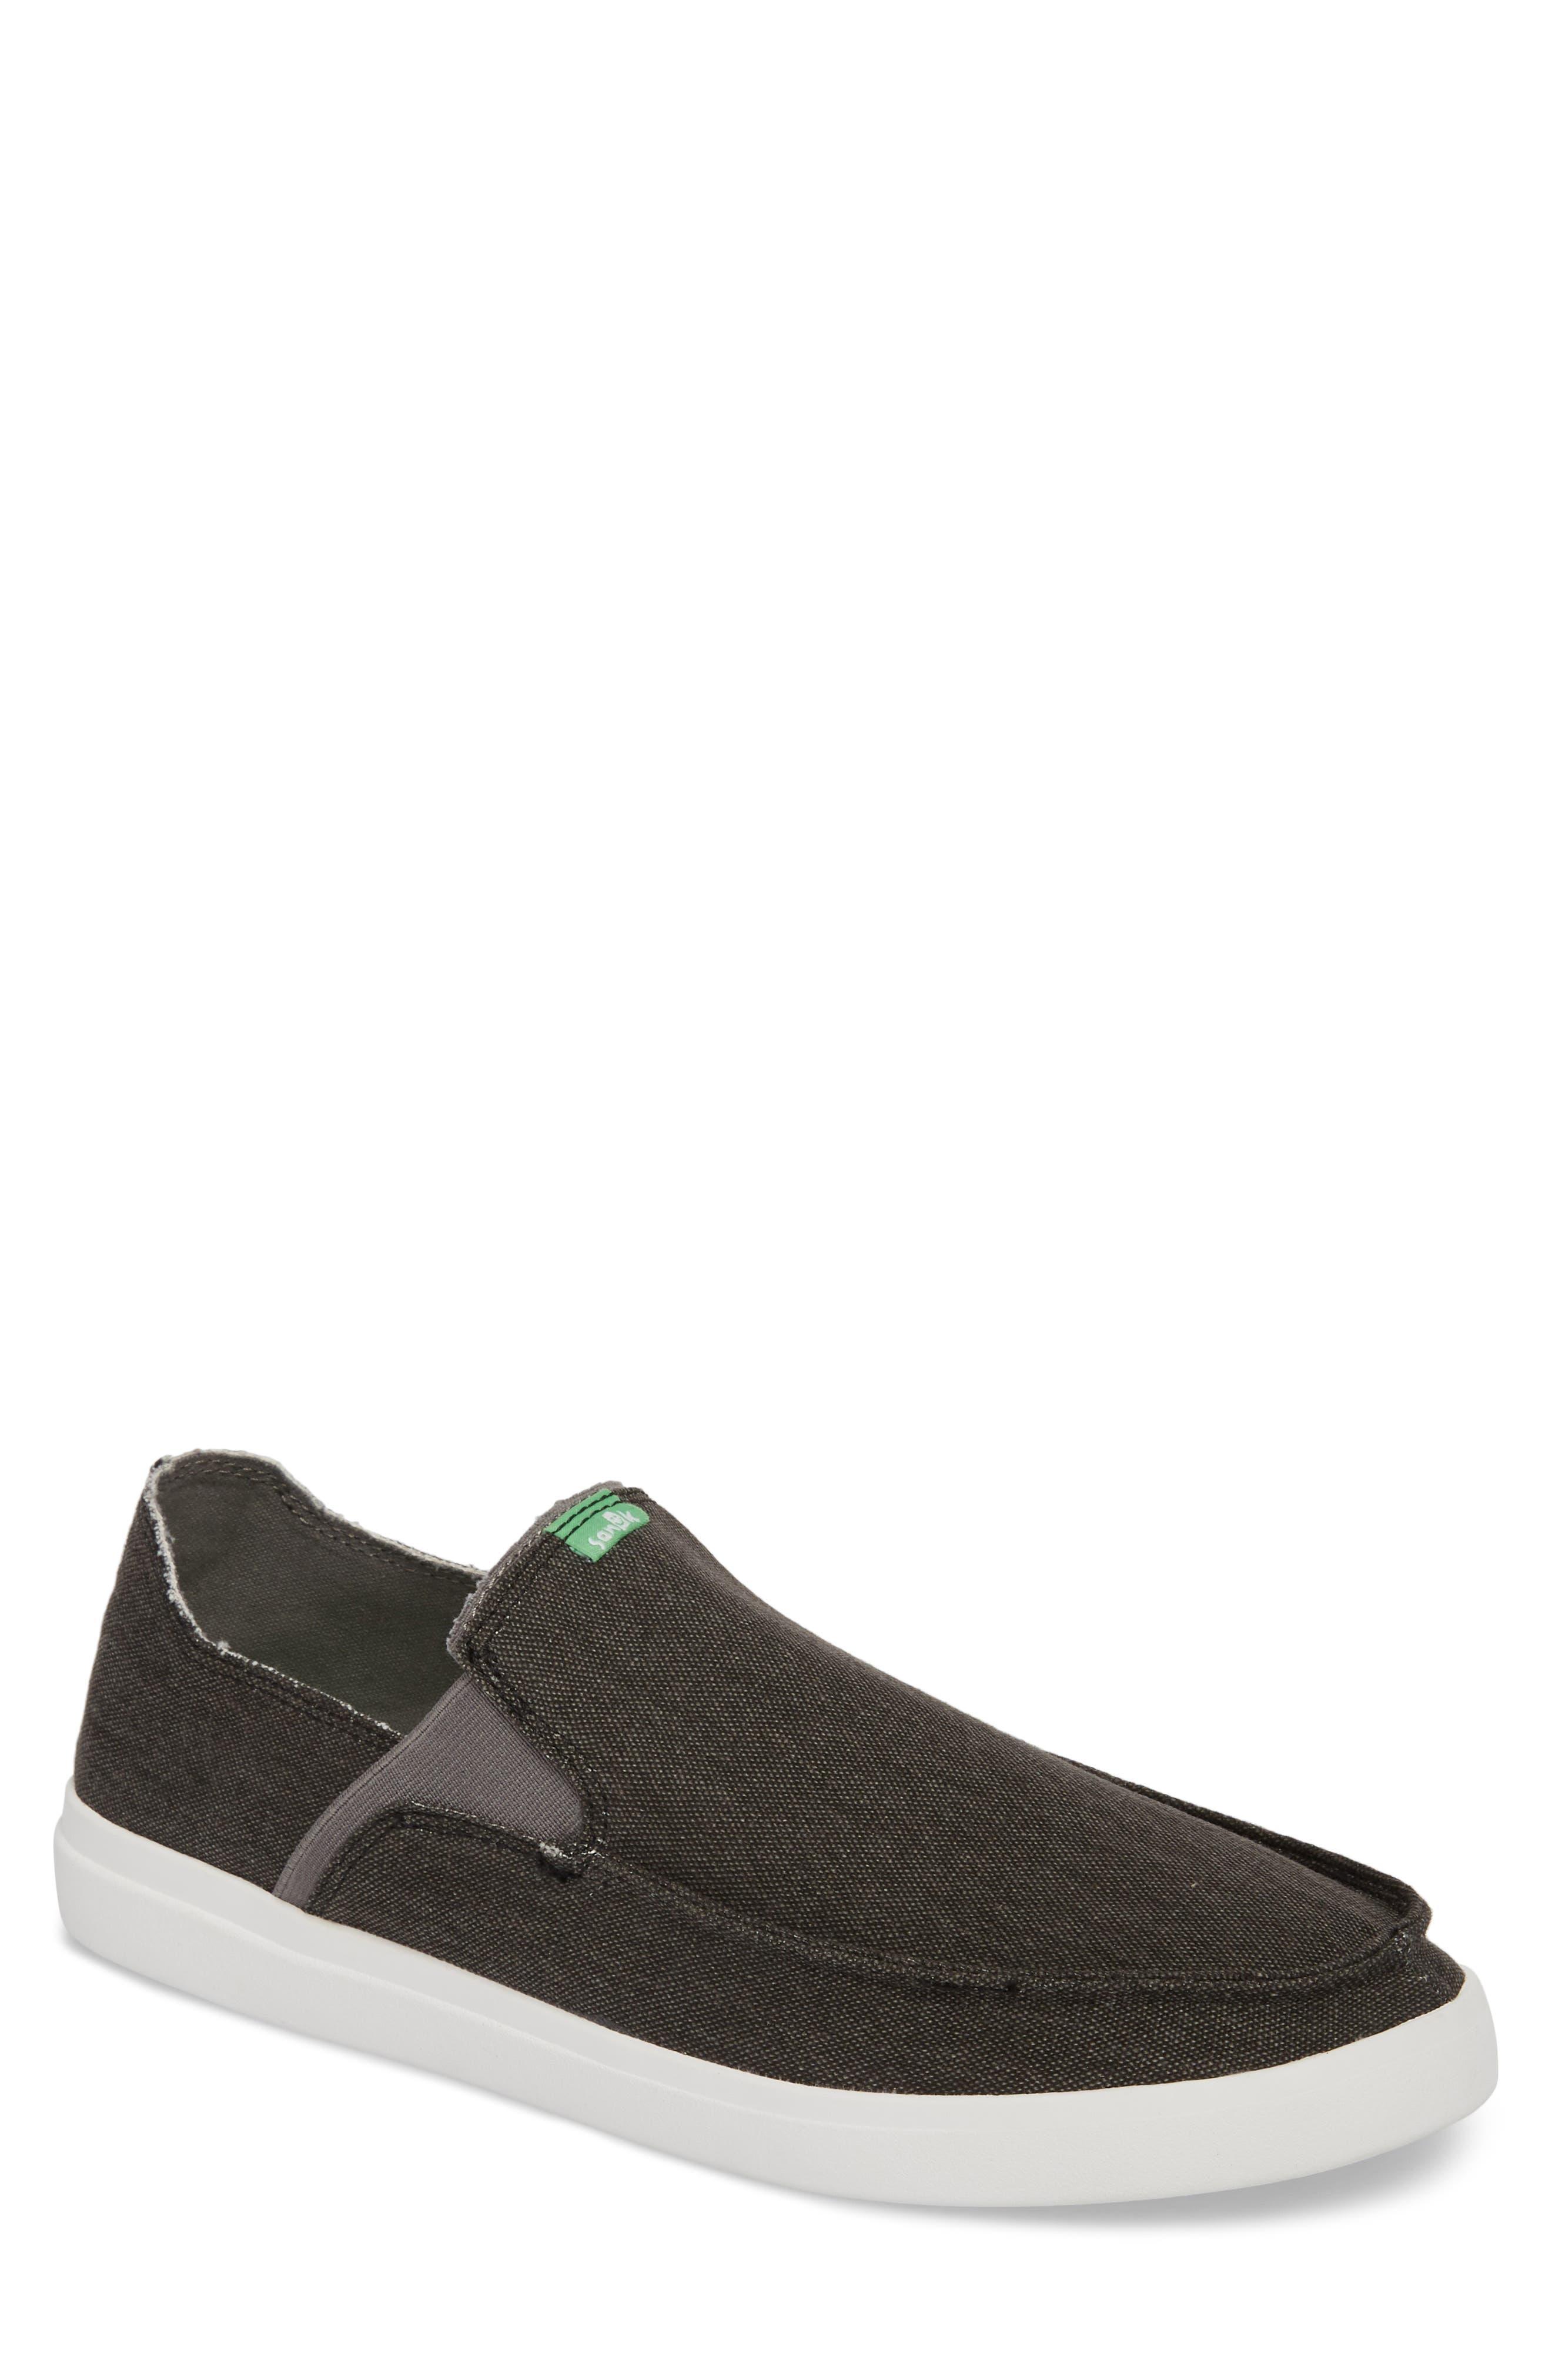 Pickpocket Slip-On Sneaker,                         Main,                         color, BLACK